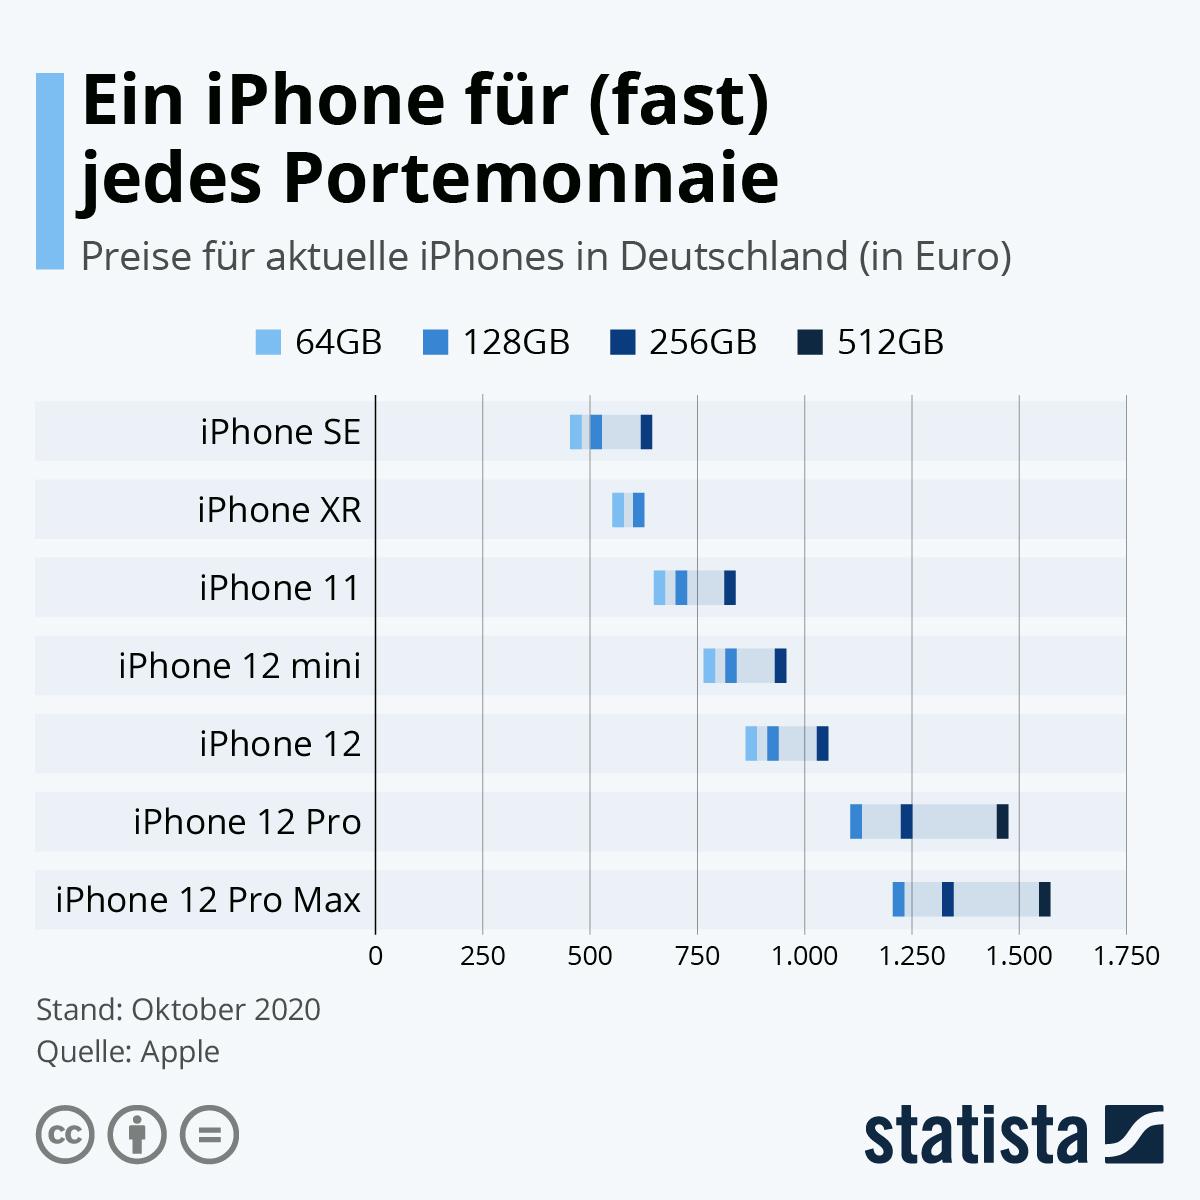 Infografik: Ein iPhone für (fast) jedes Portemonnaie | Statista